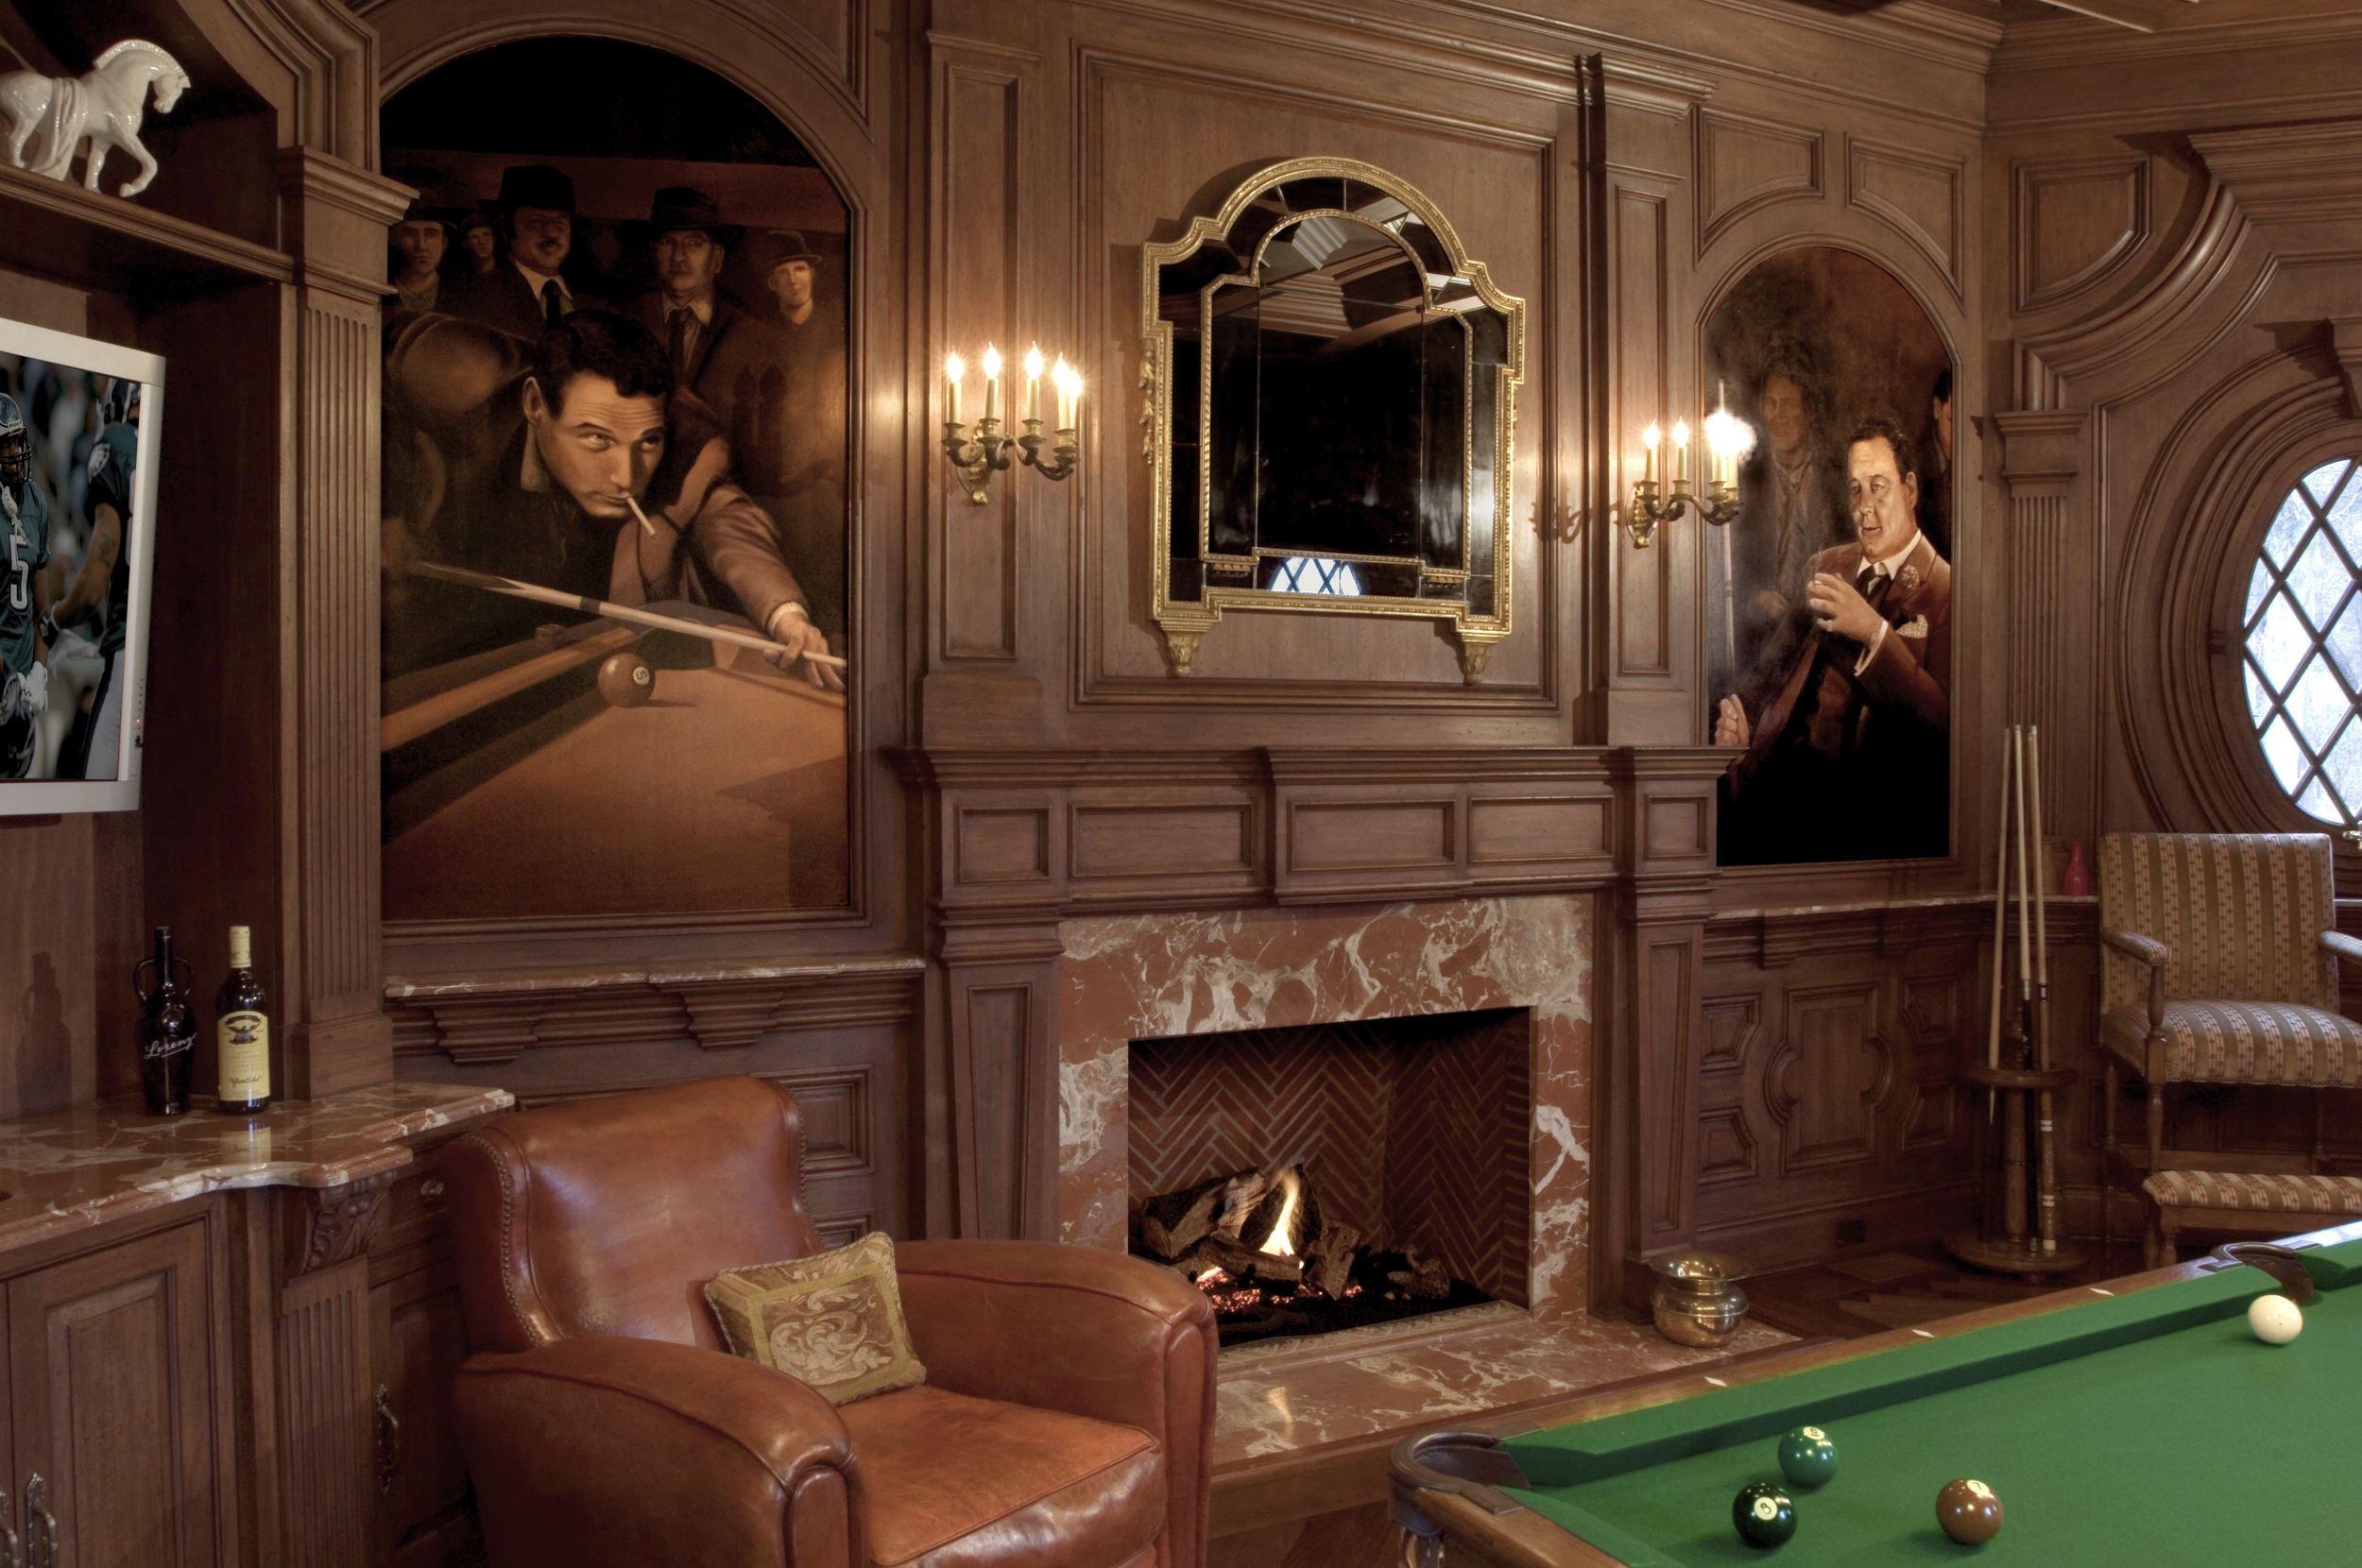 Billiard Room Mural Saddle River, NJ